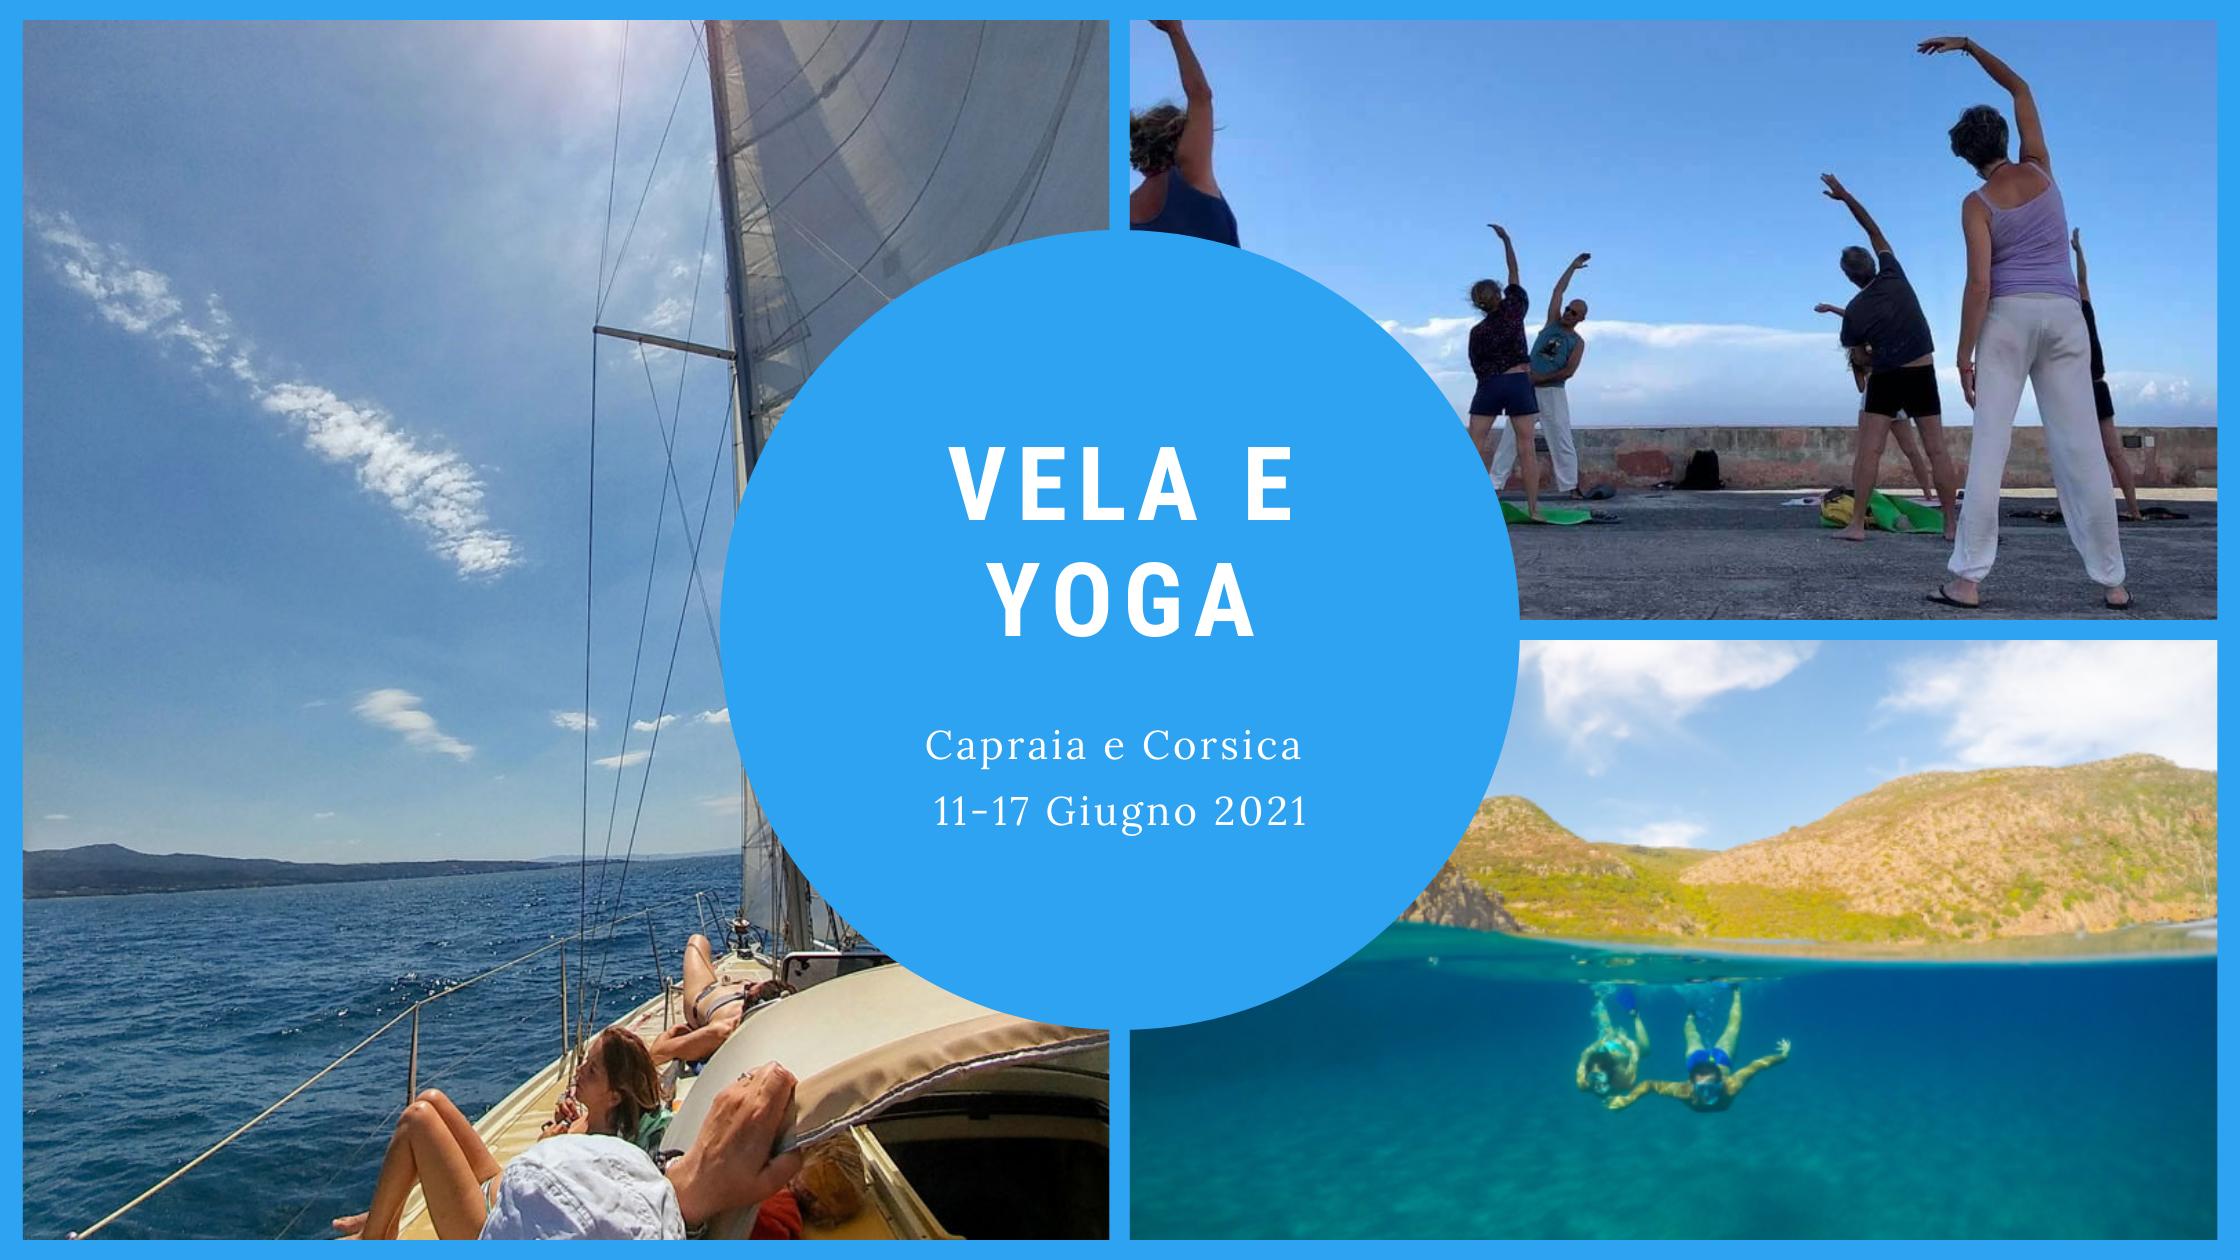 Vacanza Vela e Yoga in Capraia e Corsica, 11-17 Giugno 2021